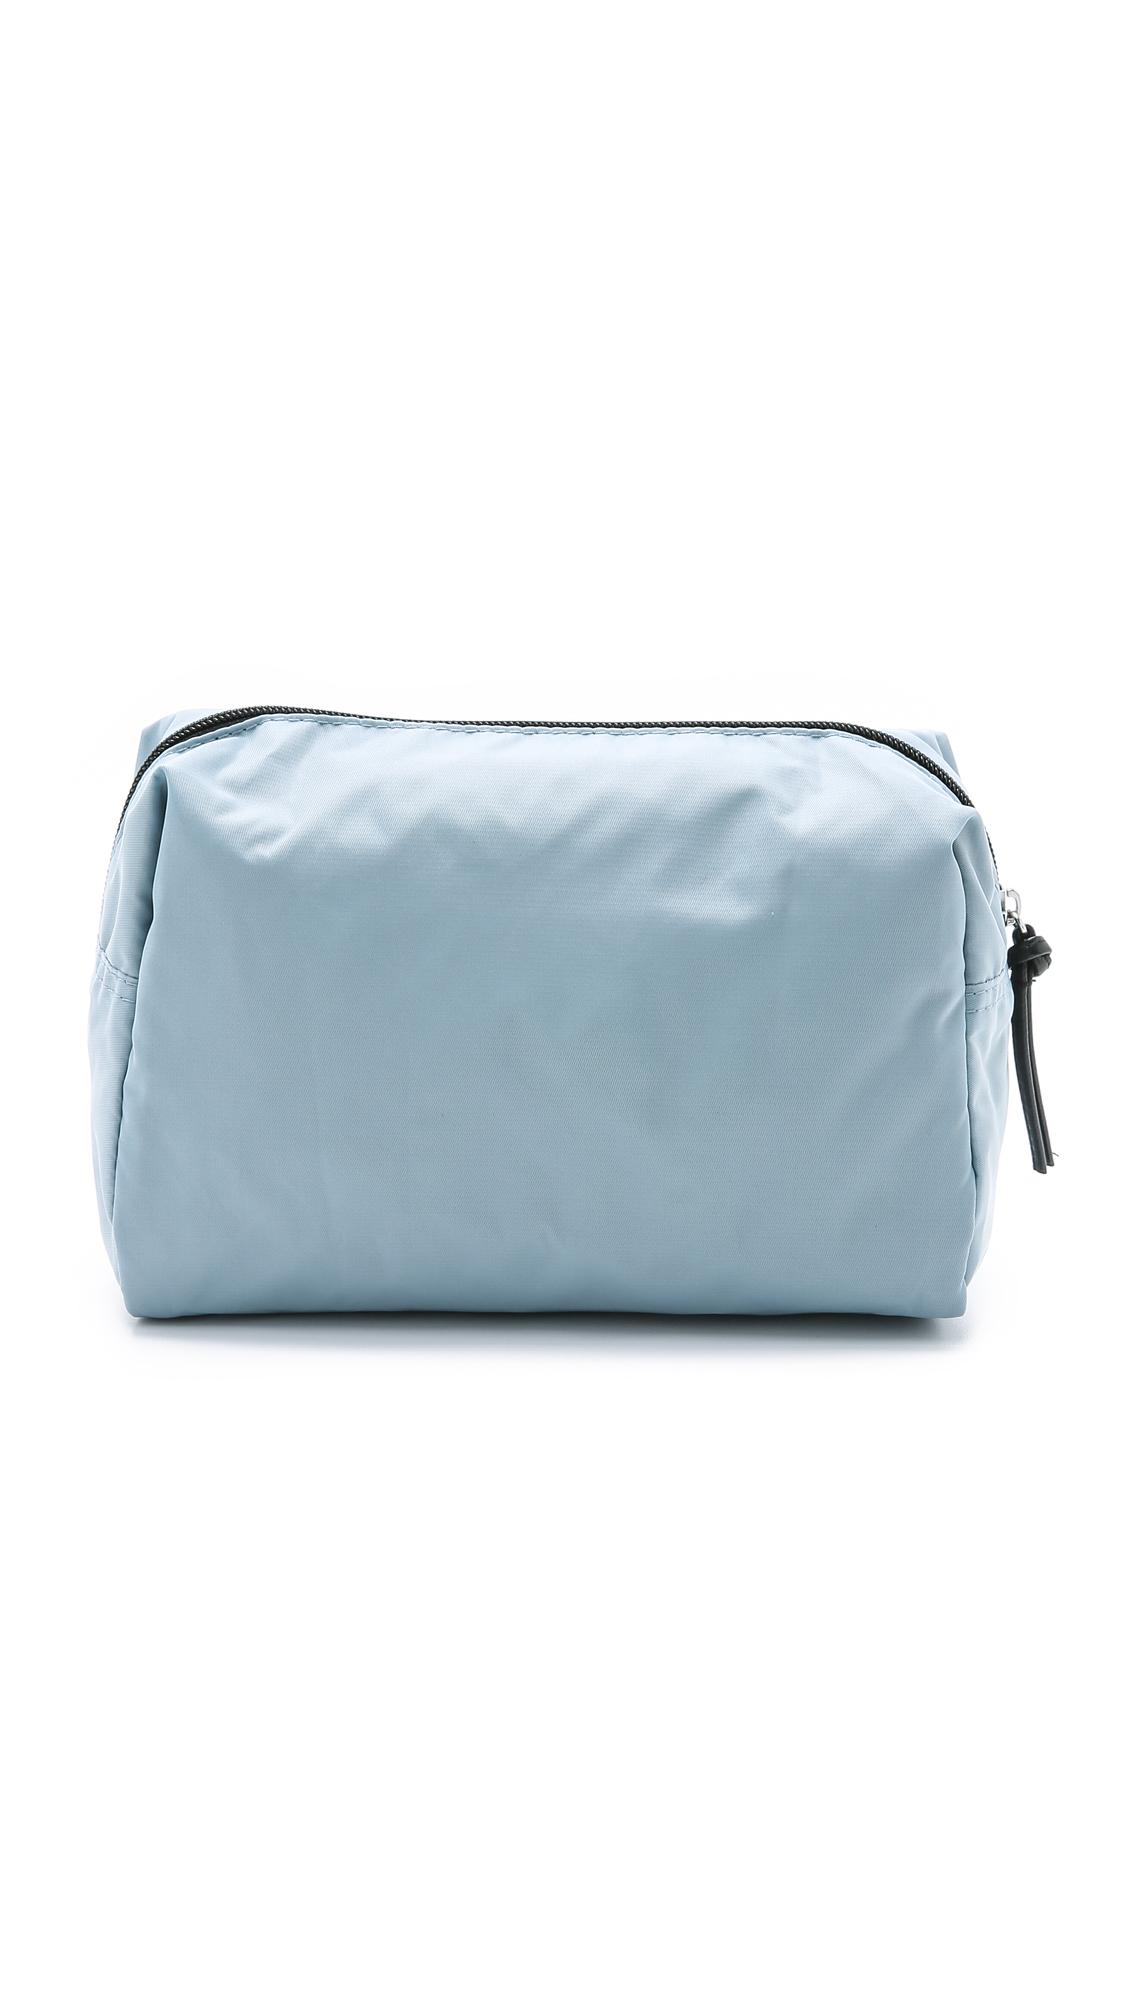 lyst day birger et mikkelsen day gweneth cosmetic bag beryl in blue. Black Bedroom Furniture Sets. Home Design Ideas